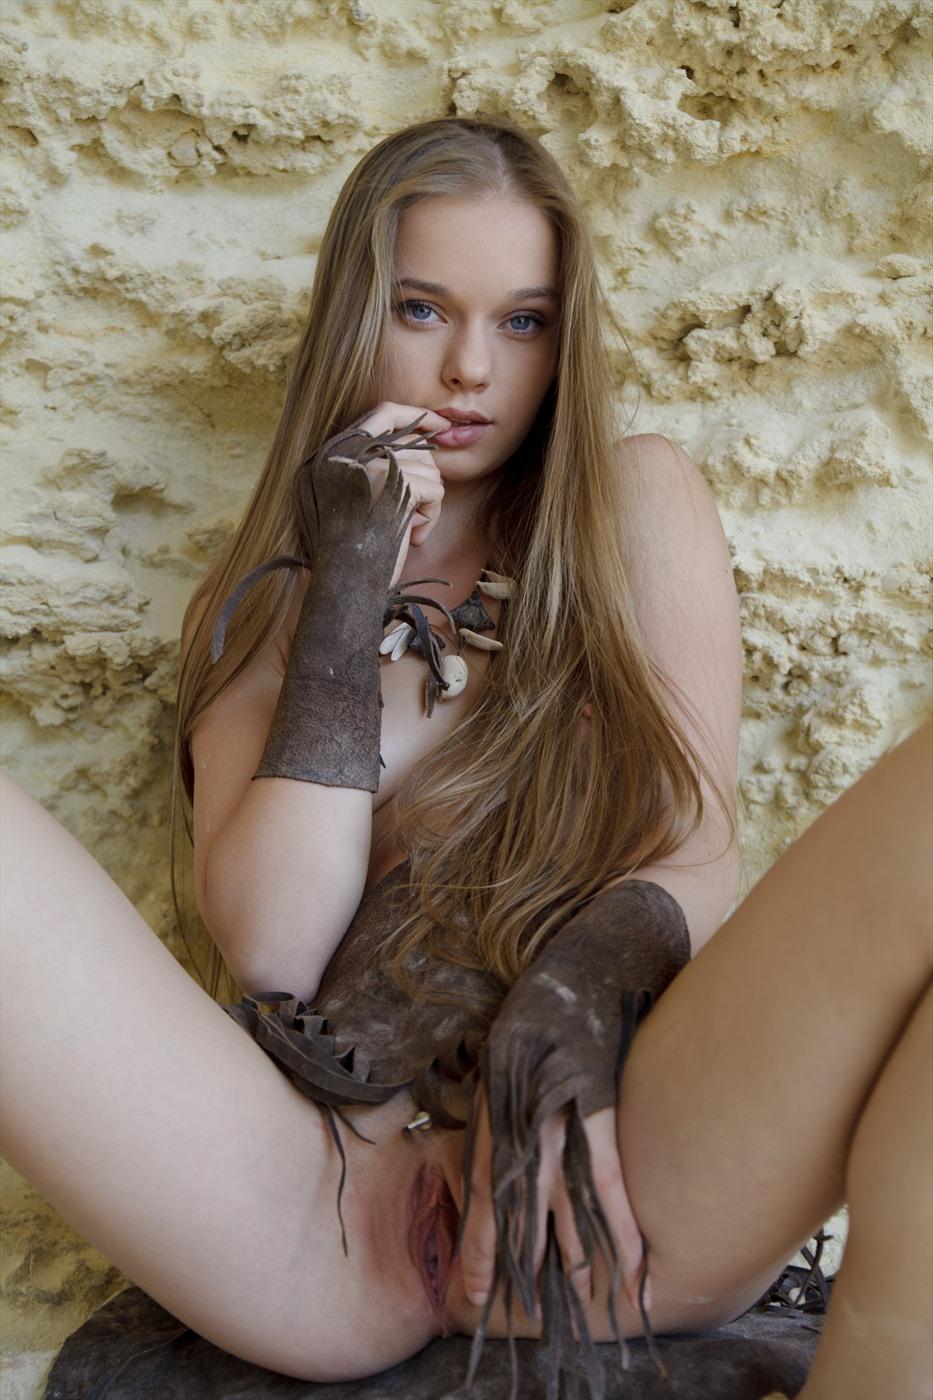 Подборки кончи секс с женщиной длинными волосами подольска бутово секс